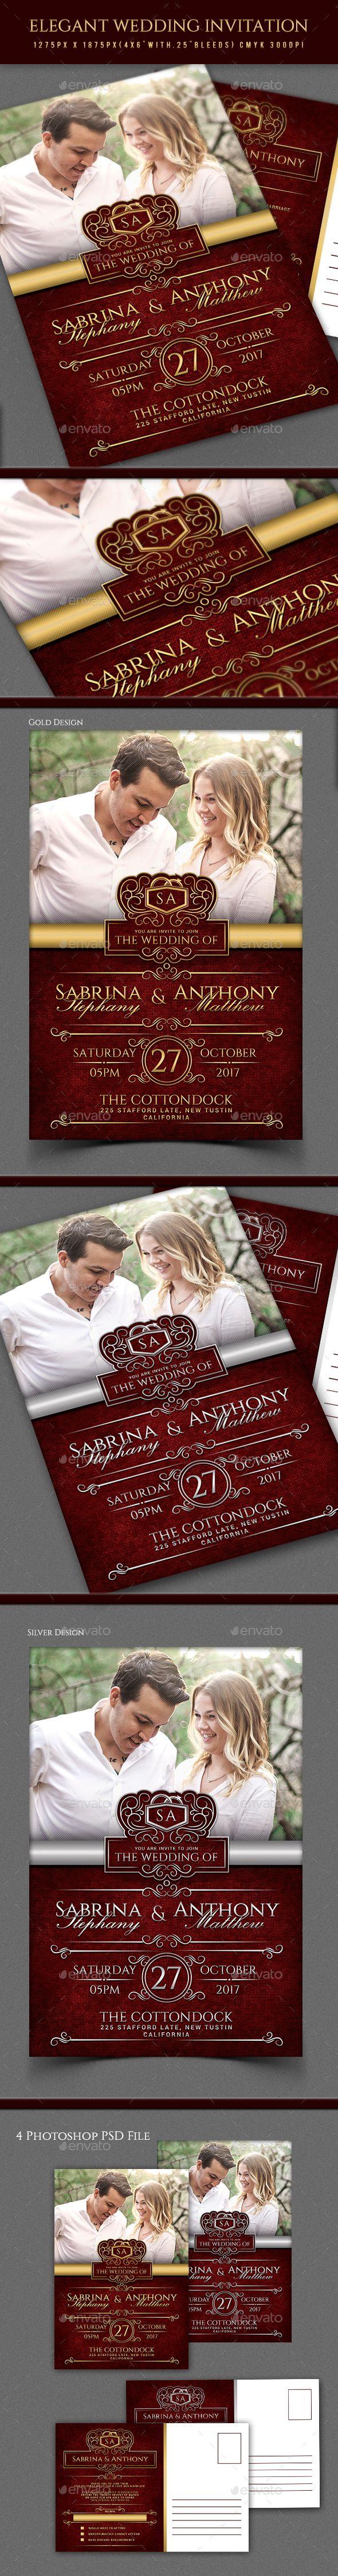 Elegant Wedding Invitation | Pinterest | Elegant wedding invitations ...